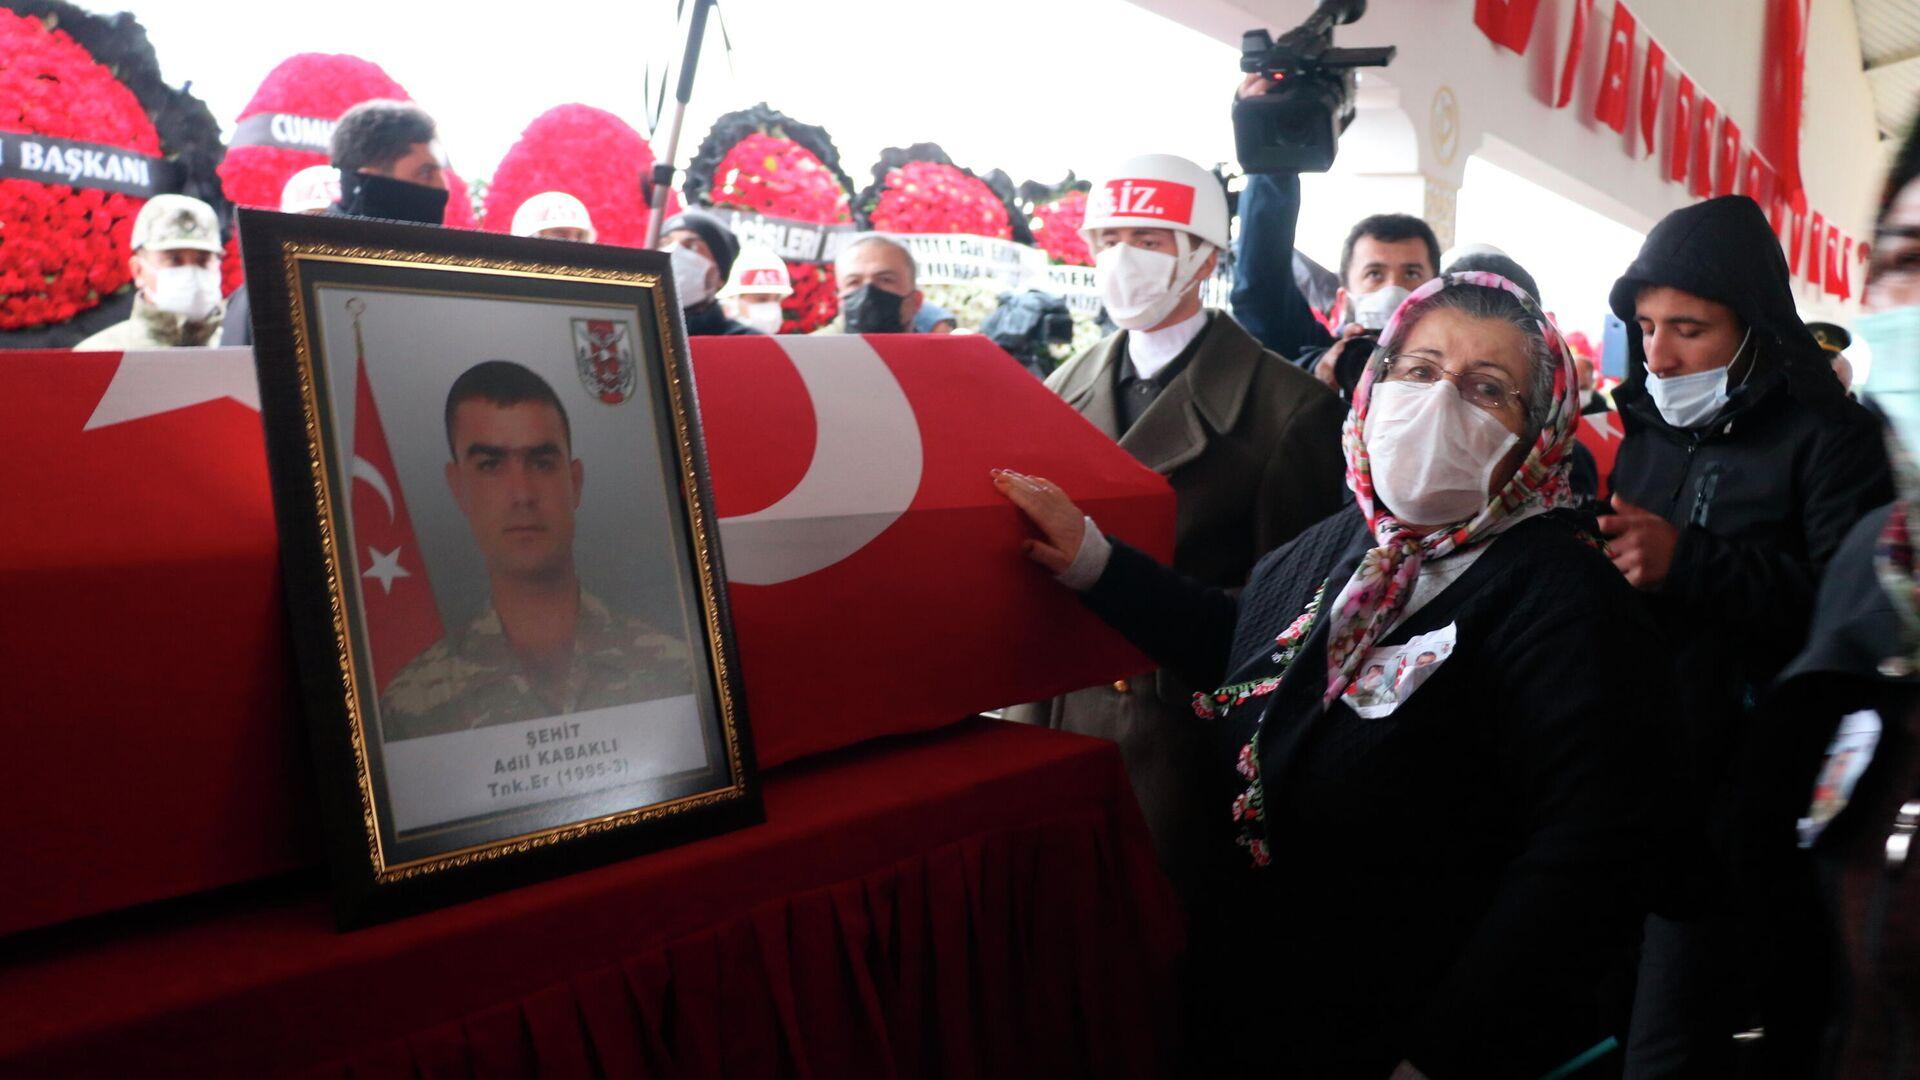 Похороны турецких граждан, которые были казнены боевиками Рабочей партии Курдистана (РПК) в Ираке - РИА Новости, 1920, 17.02.2021